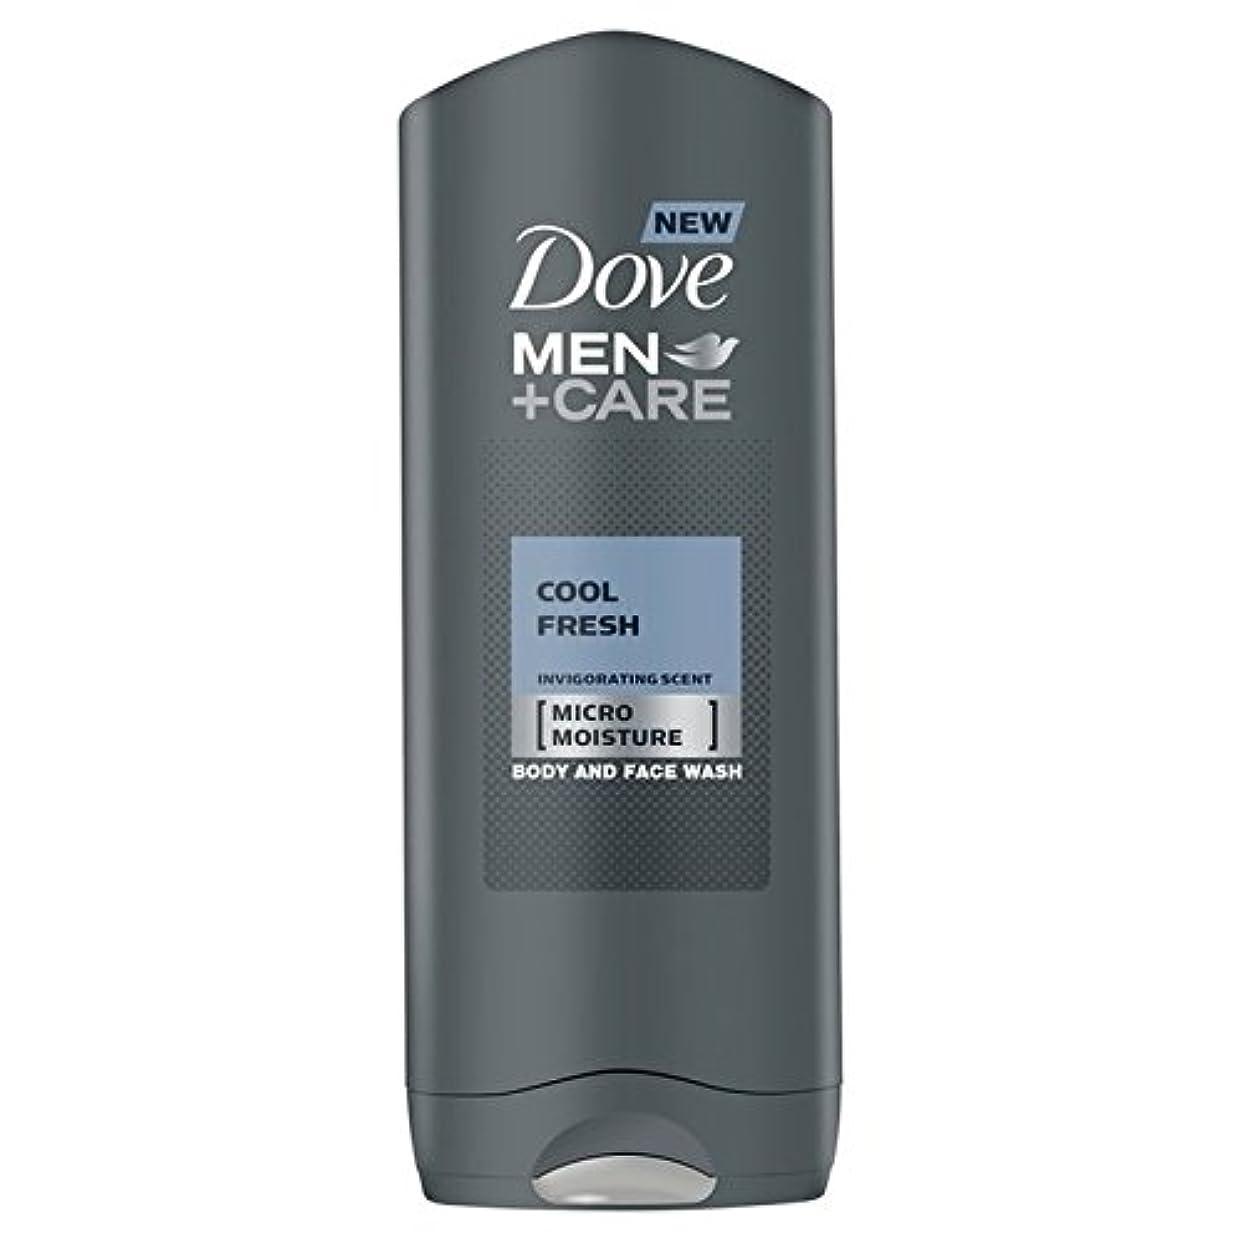 判読できない劇的理容師Dove Men+Care Cool Fresh Shower Gel 400ml - クールフレッシュシャワージェル400ミリリットルケア+鳩の男性 [並行輸入品]